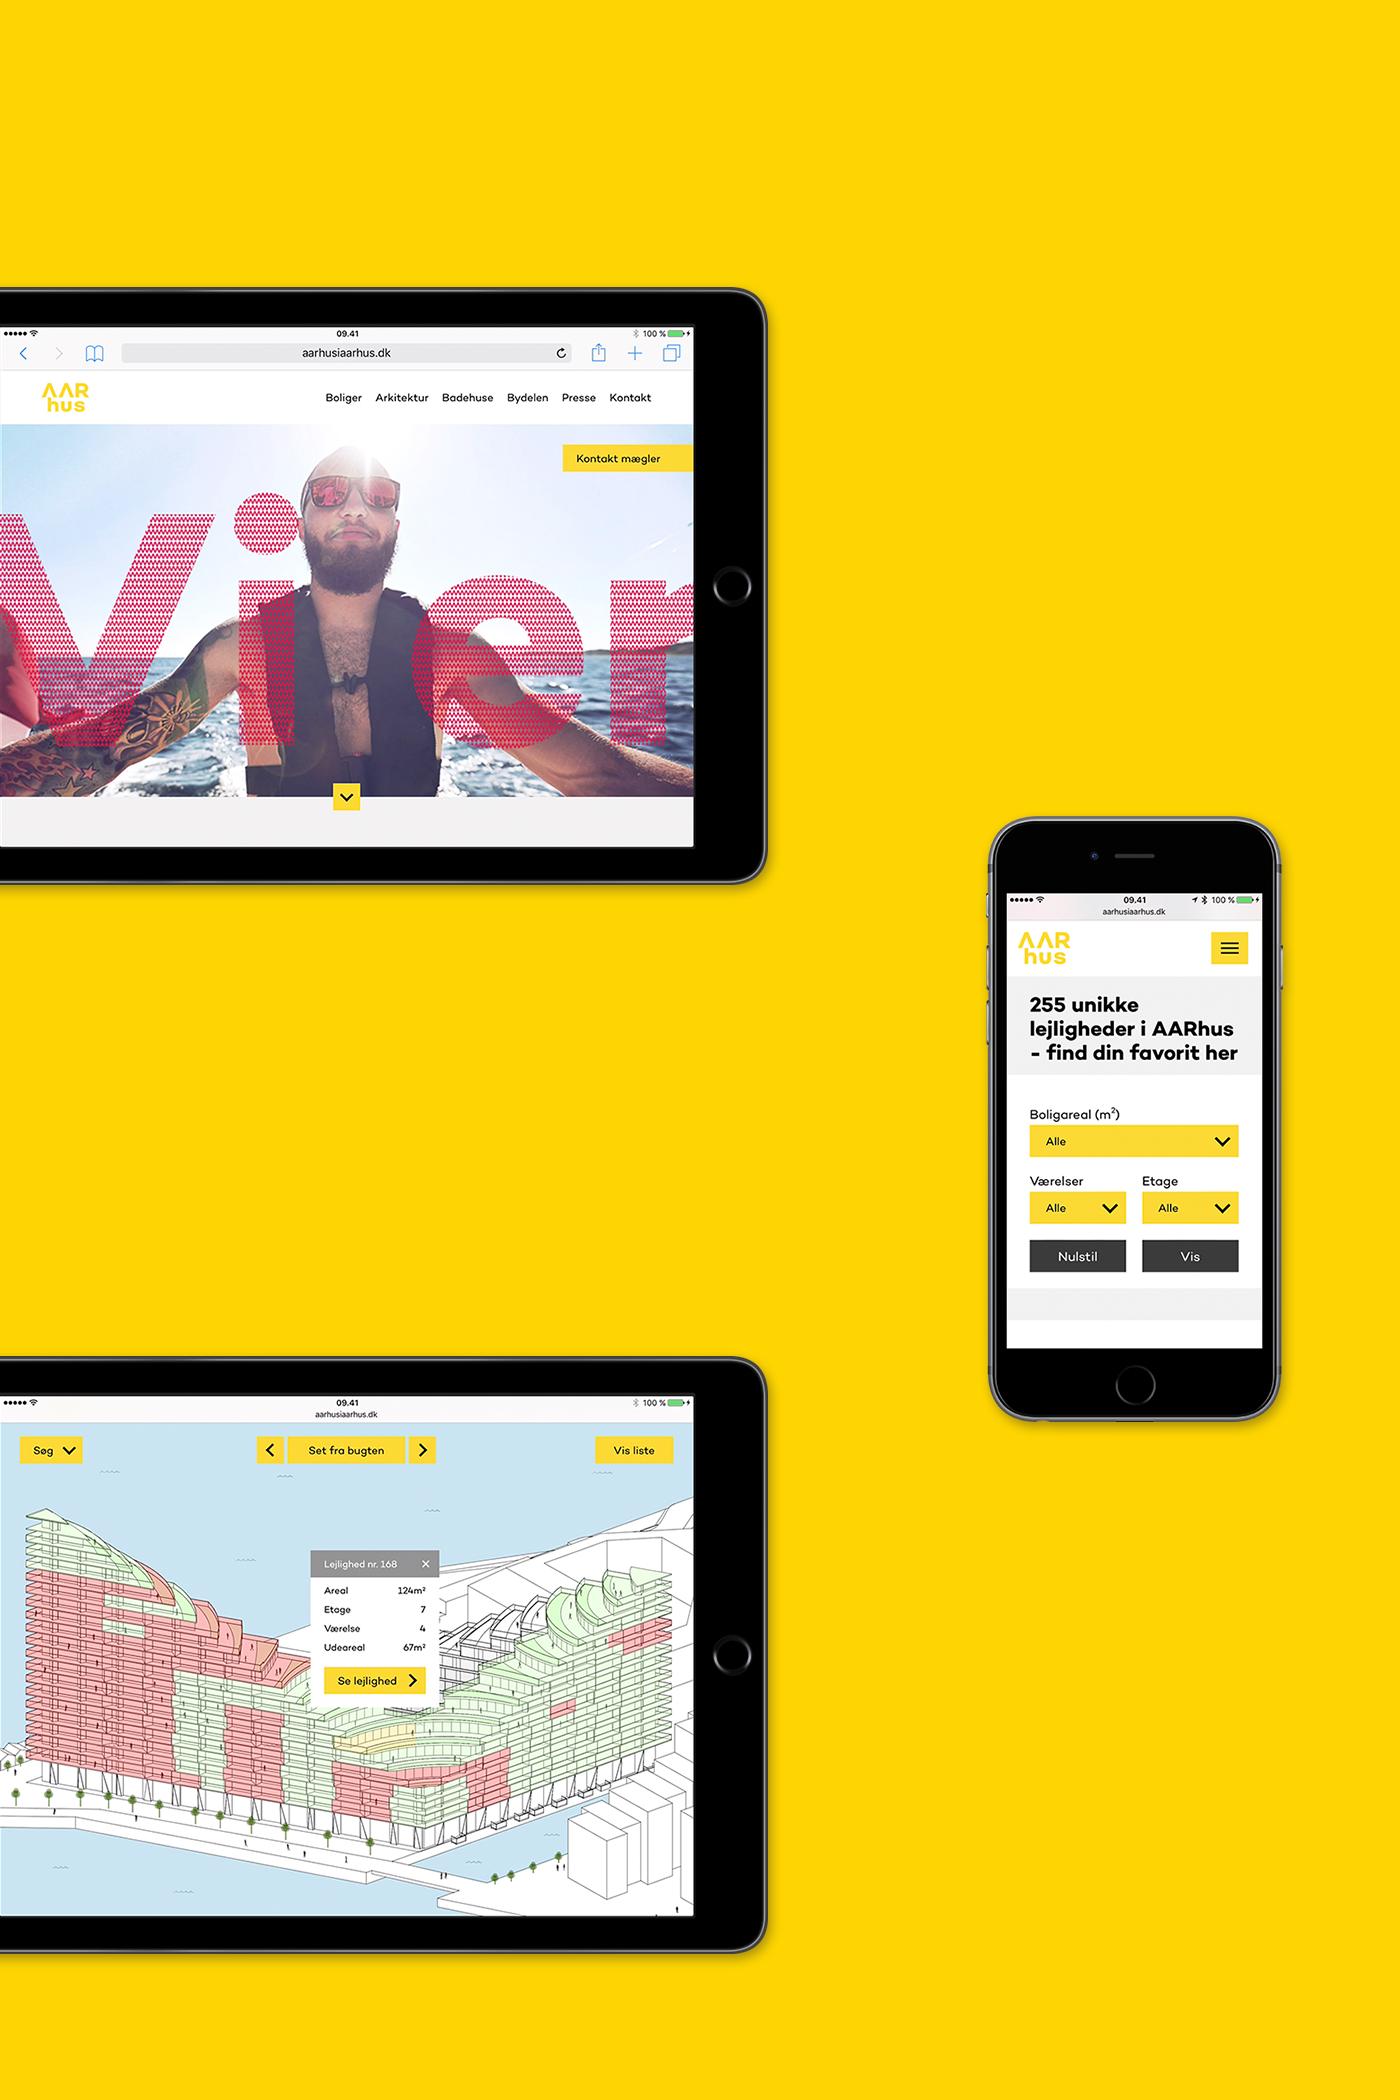 AARhus website displayed on devices